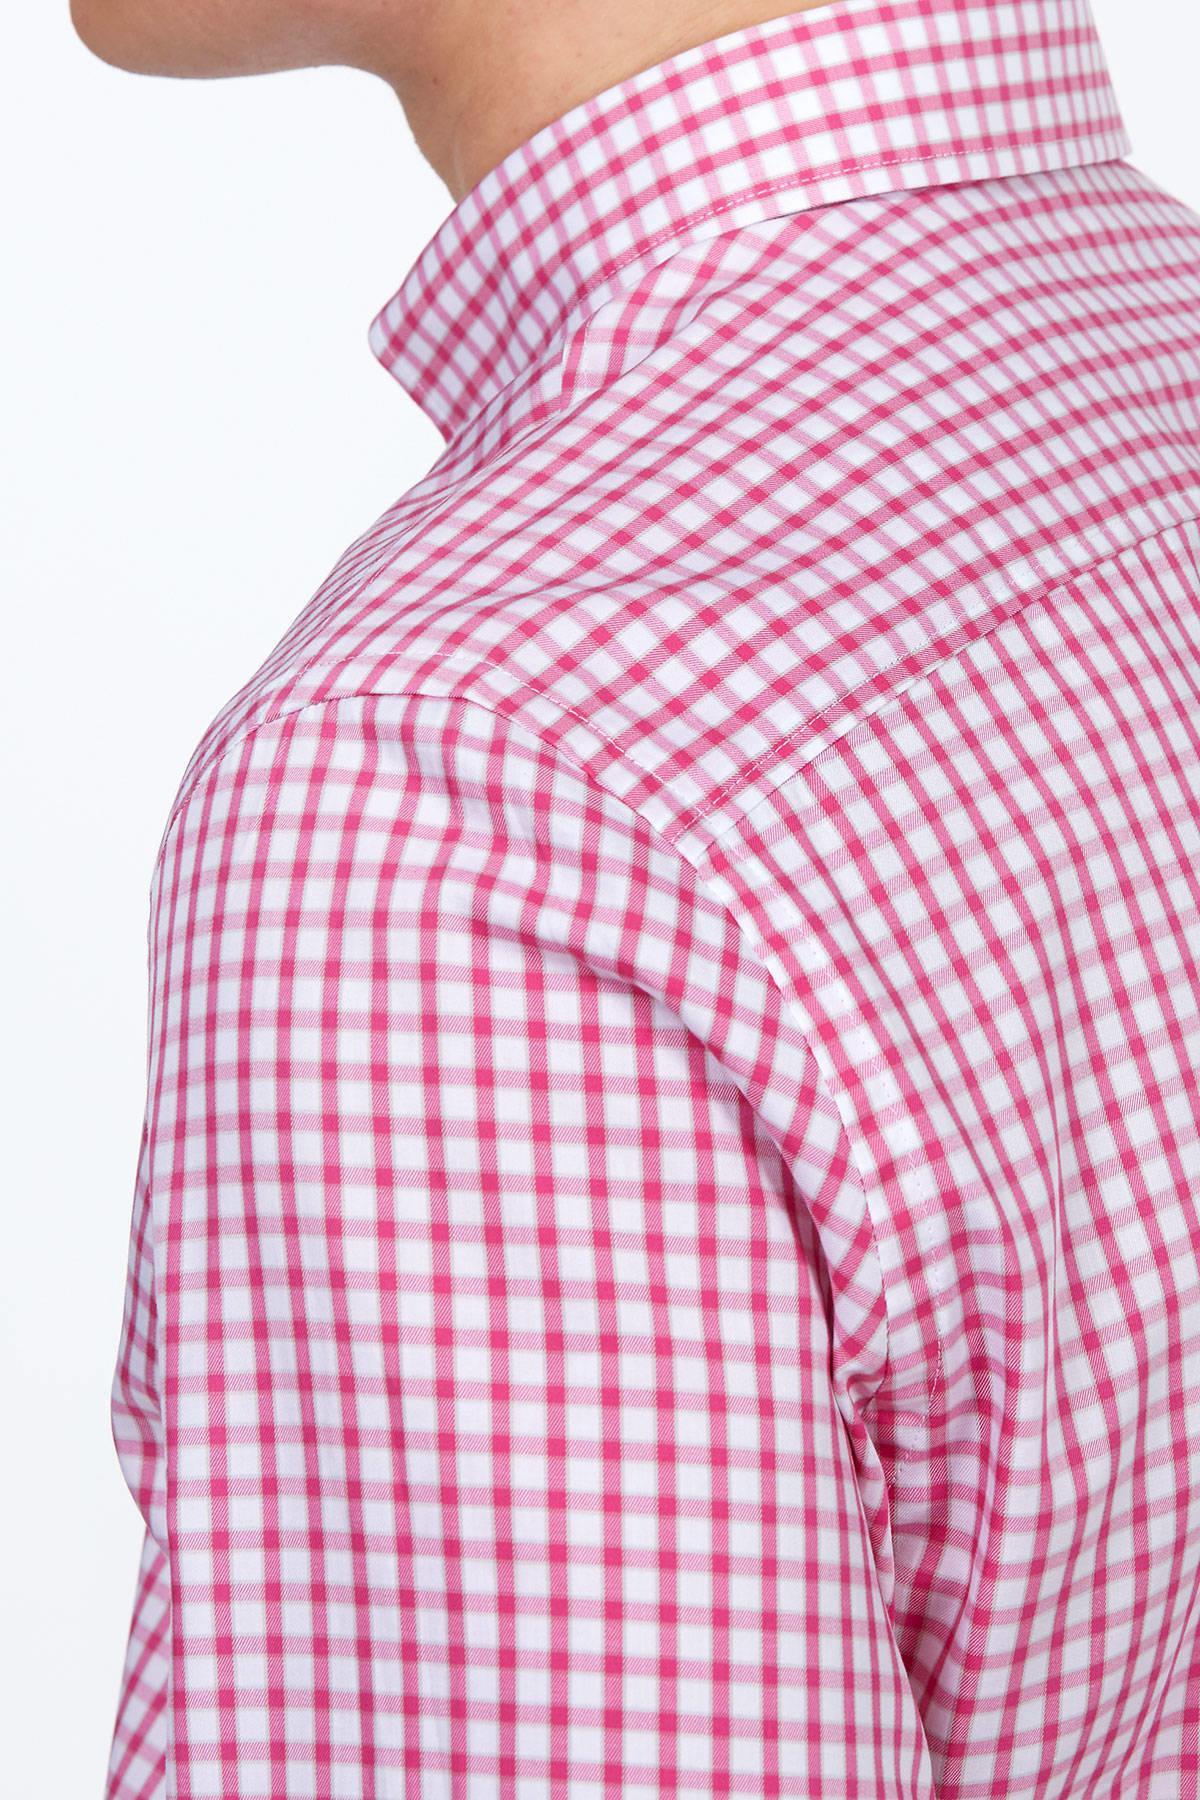 Pembe Kareli Spor Gömlek